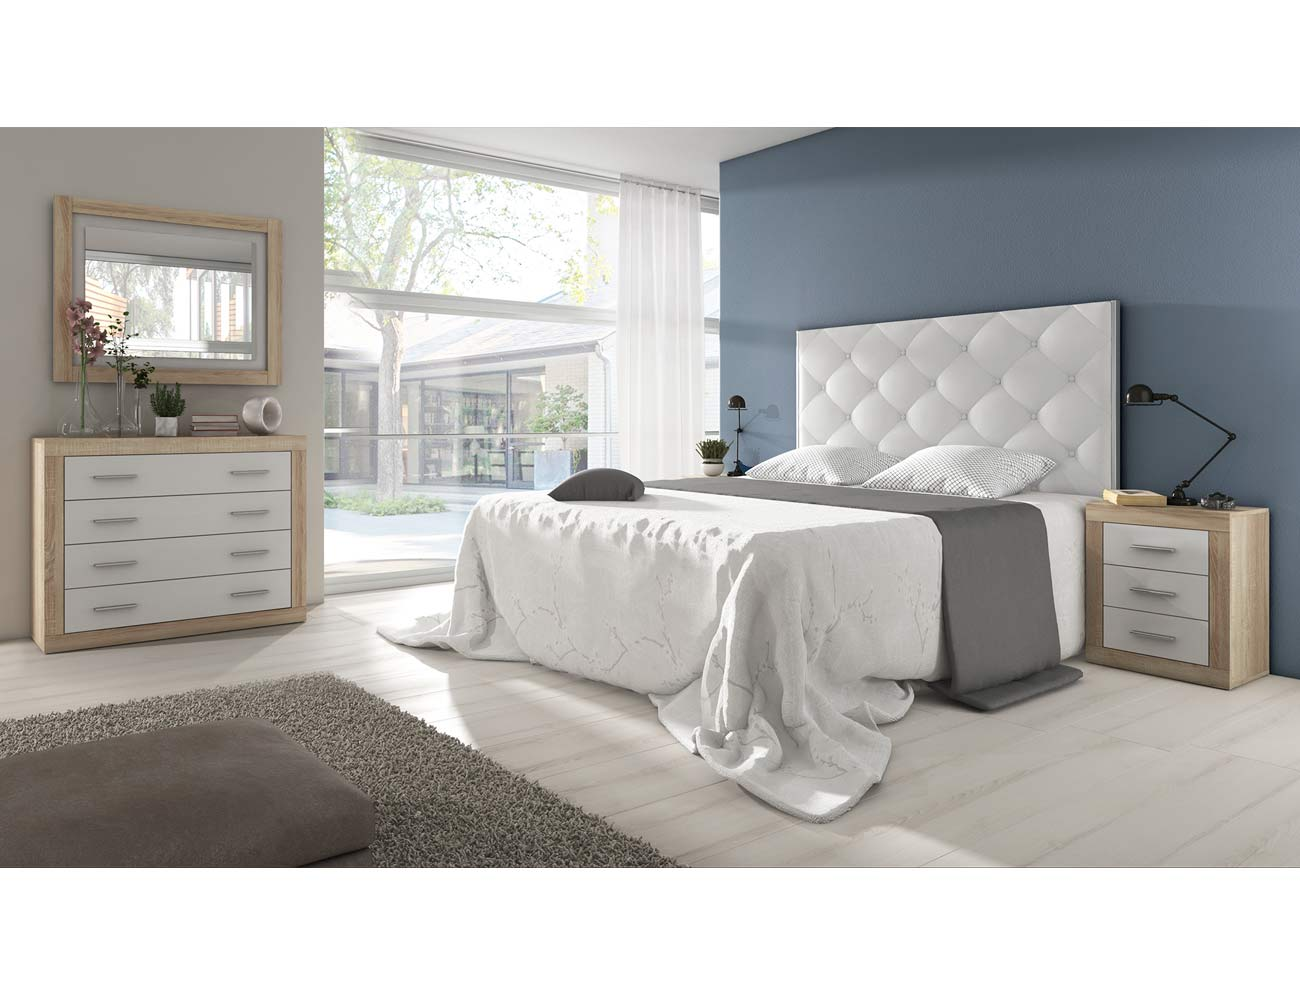 Dormitorio de matrimonio moderno con cabecero en polipiel for Muebles dormitorio matrimonio